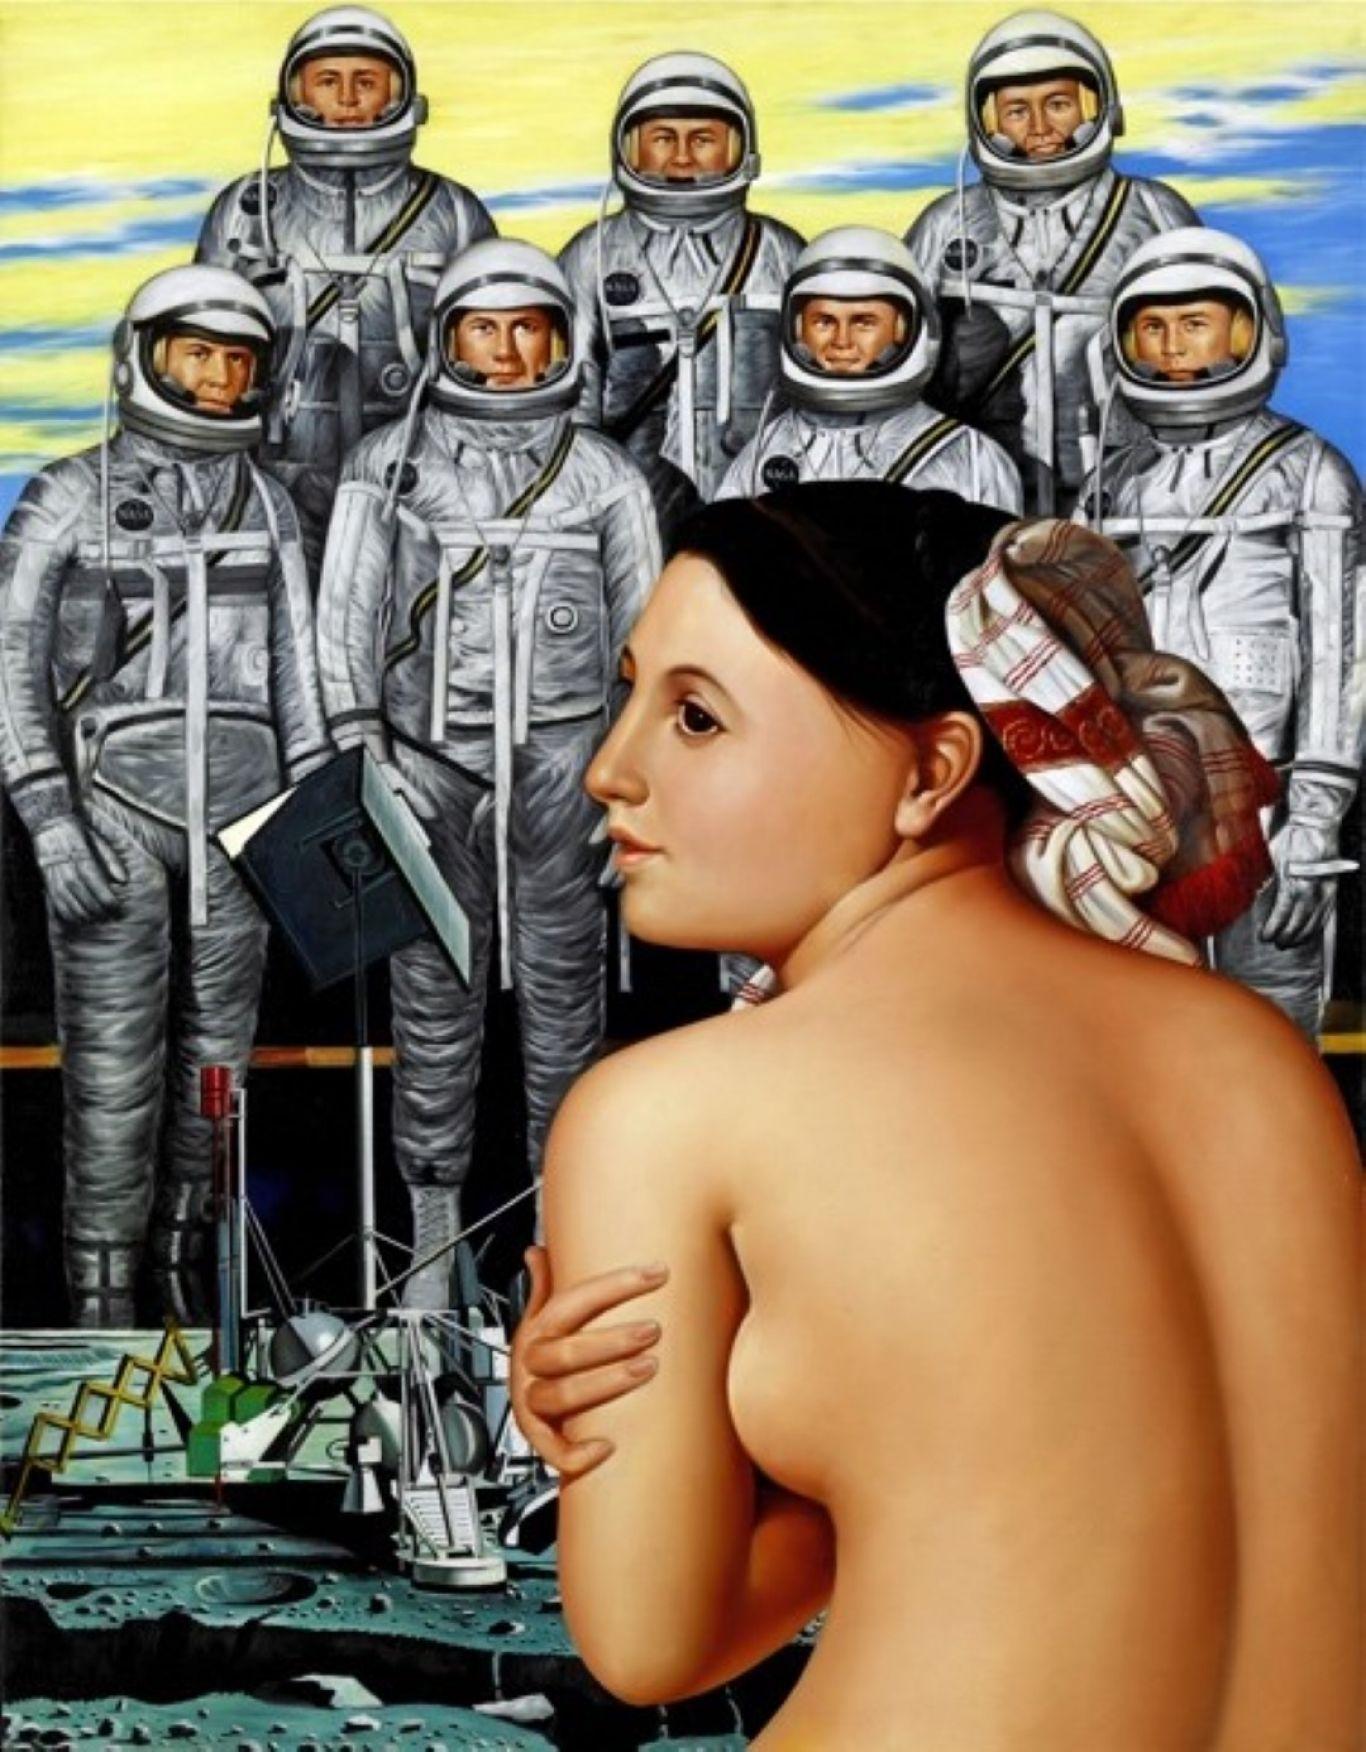 Erró, Mercury Astronauts in Spacesuits/Mercury geimfarar í geimbúningi, 1980, Oil on canvas/Olía á striga, 100 x 76 cm.